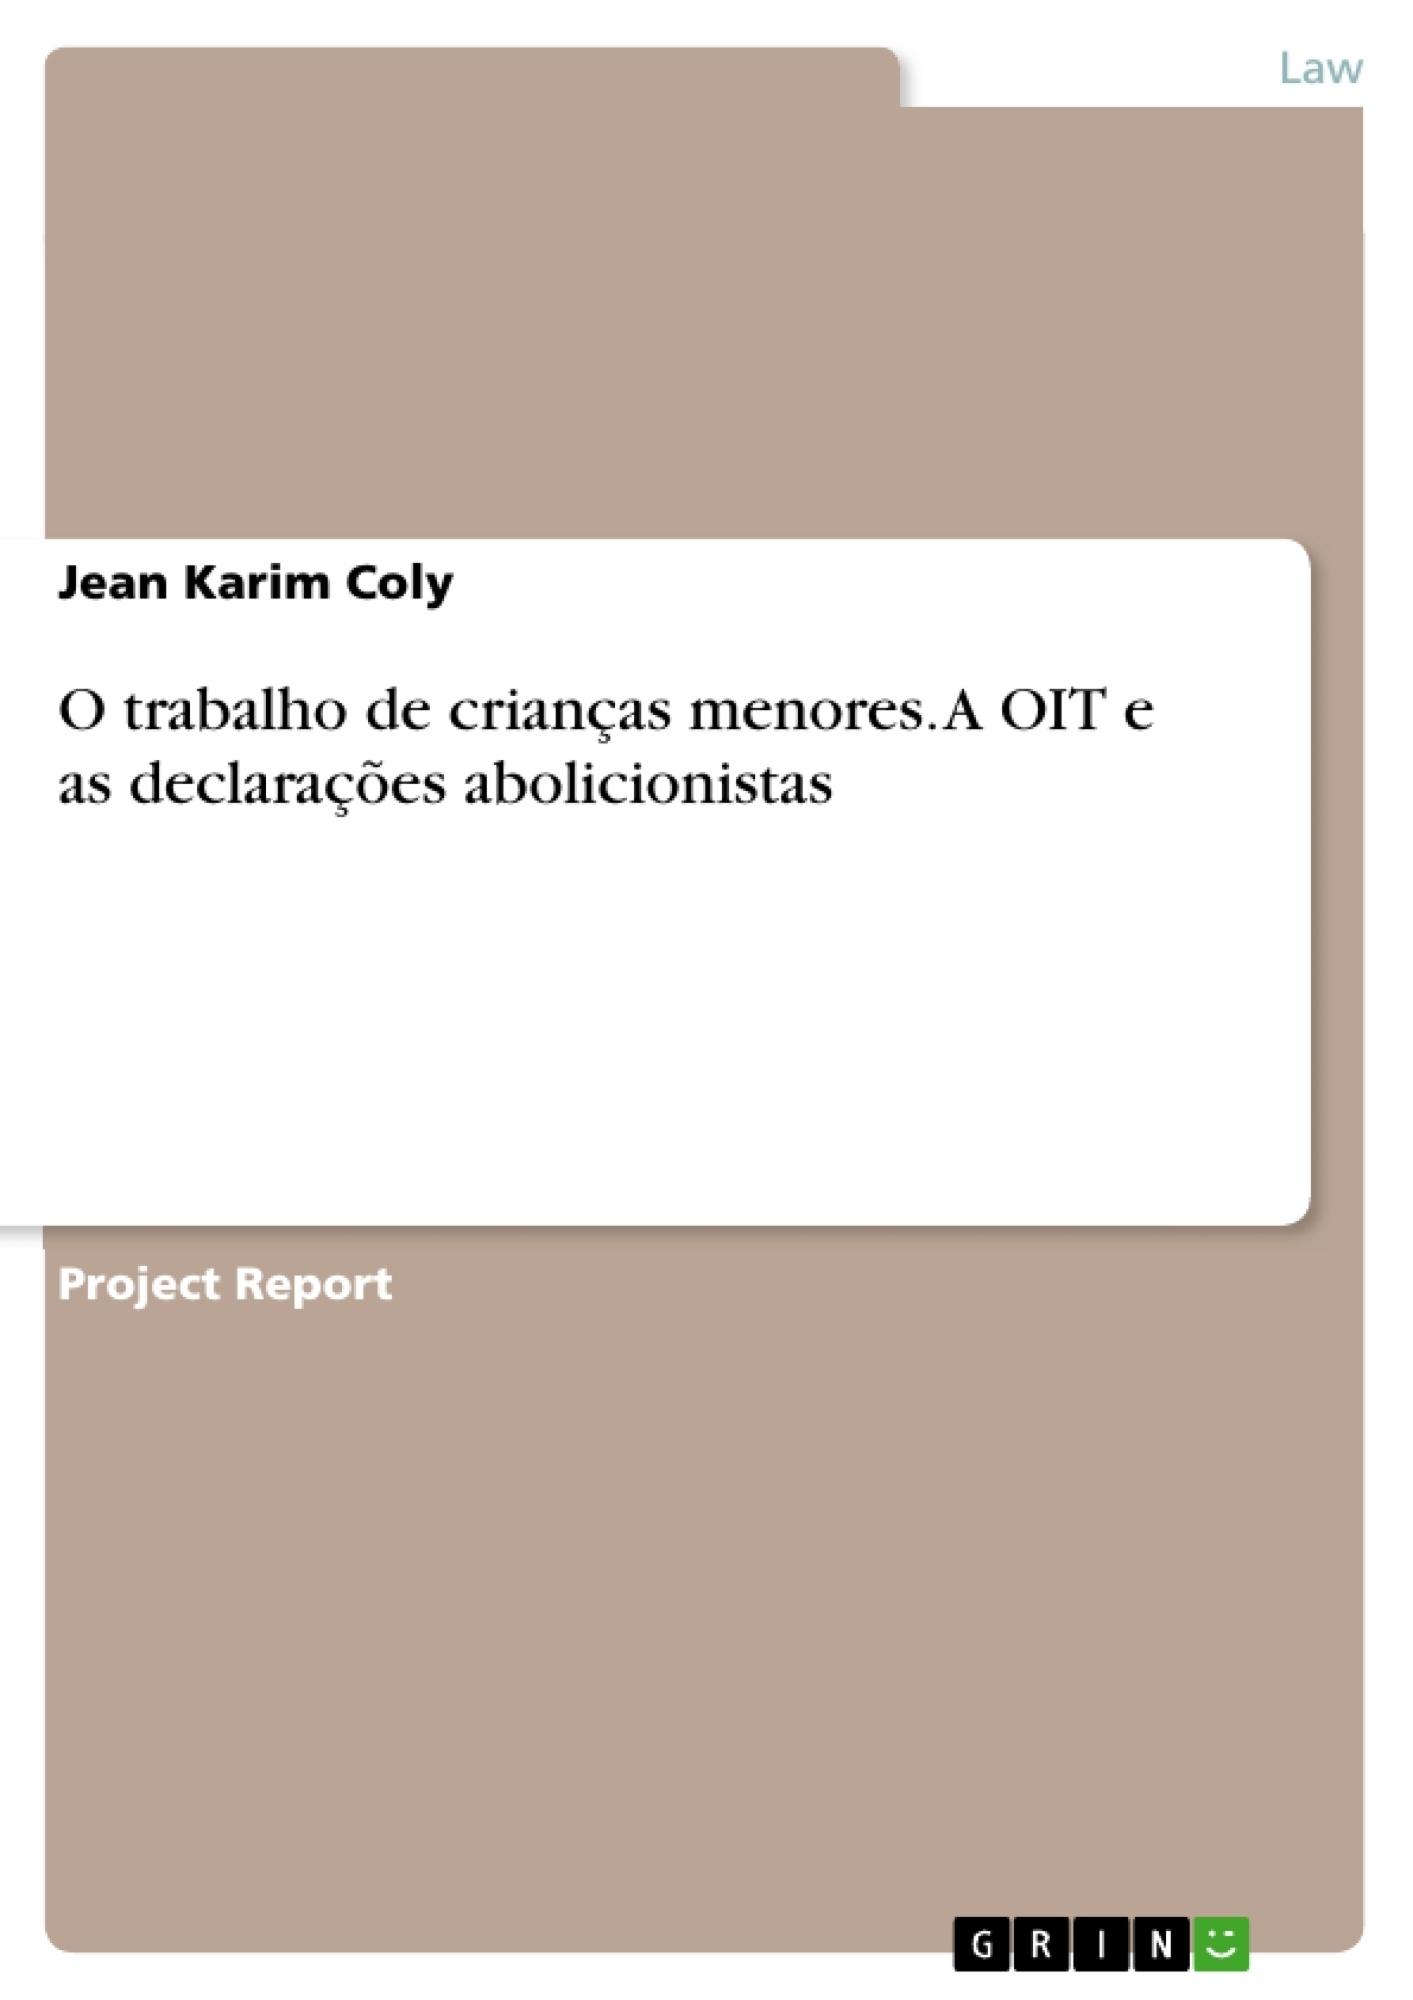 Title: O trabalho de crianças menores. A OIT e as declarações abolicionistas